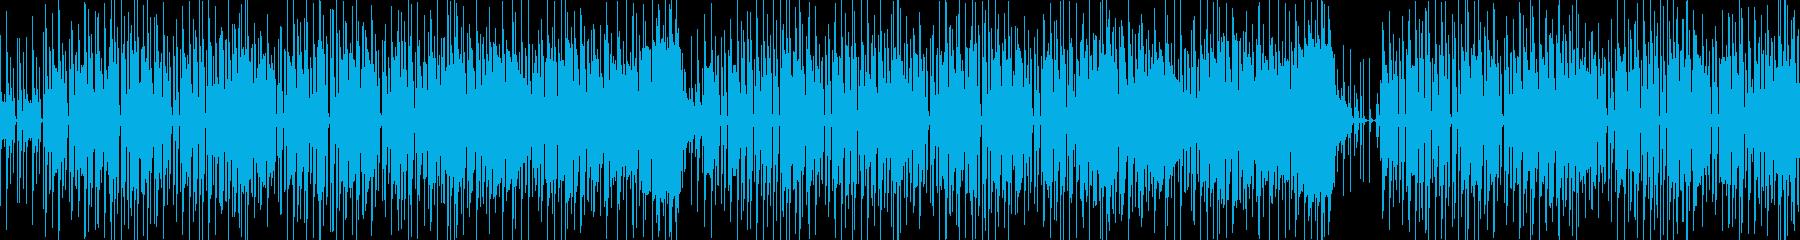 ほのぼのした口笛主体のBGMの再生済みの波形